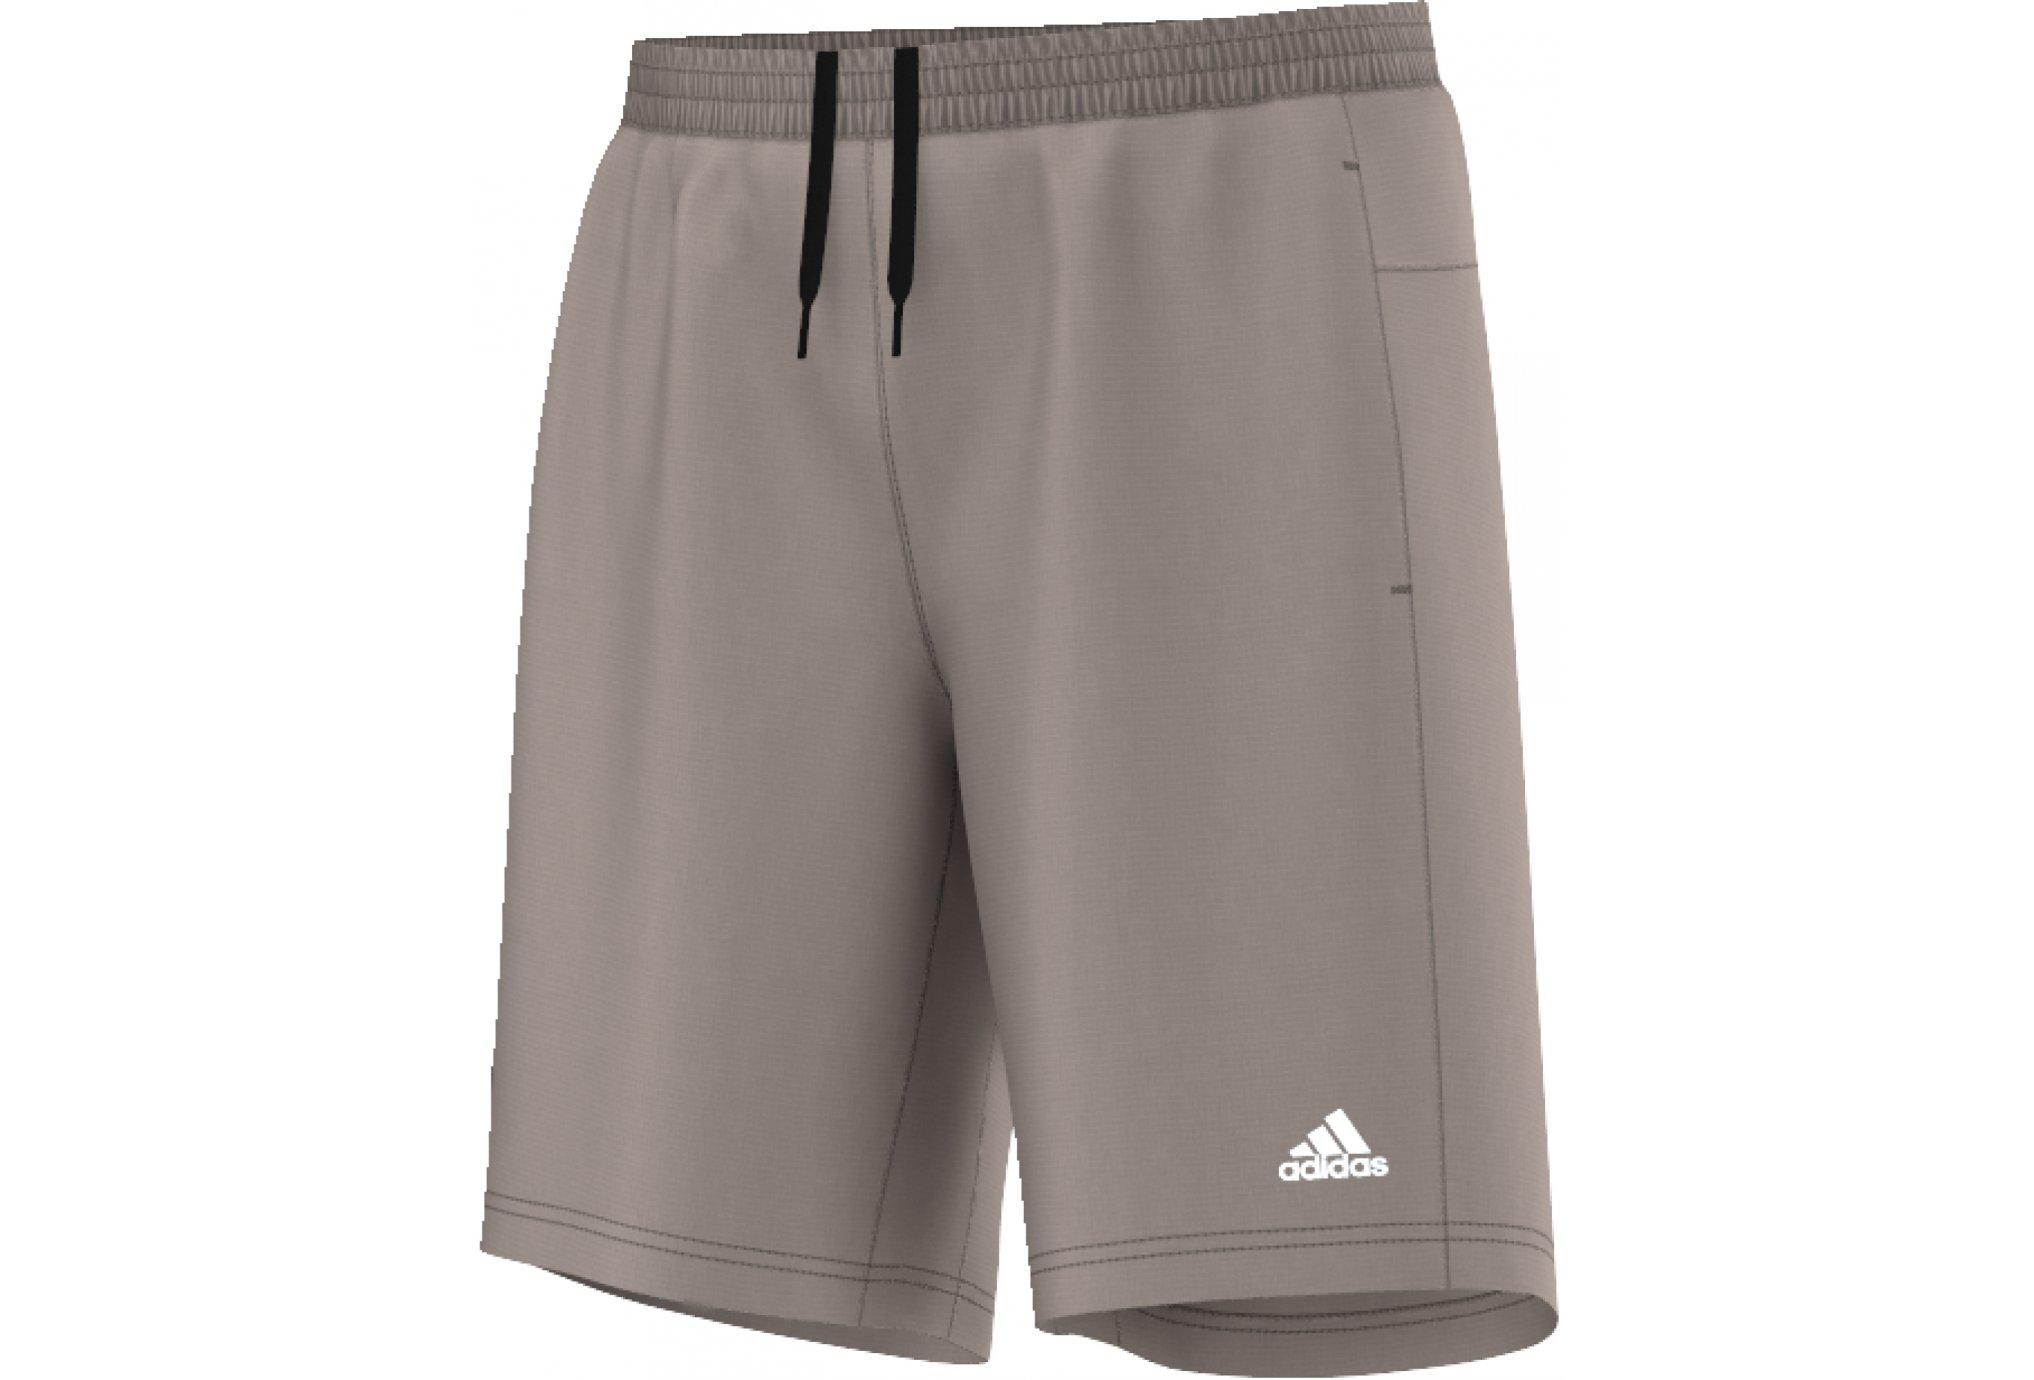 Adidas Aktiv heath dual m diététique vêtements homme